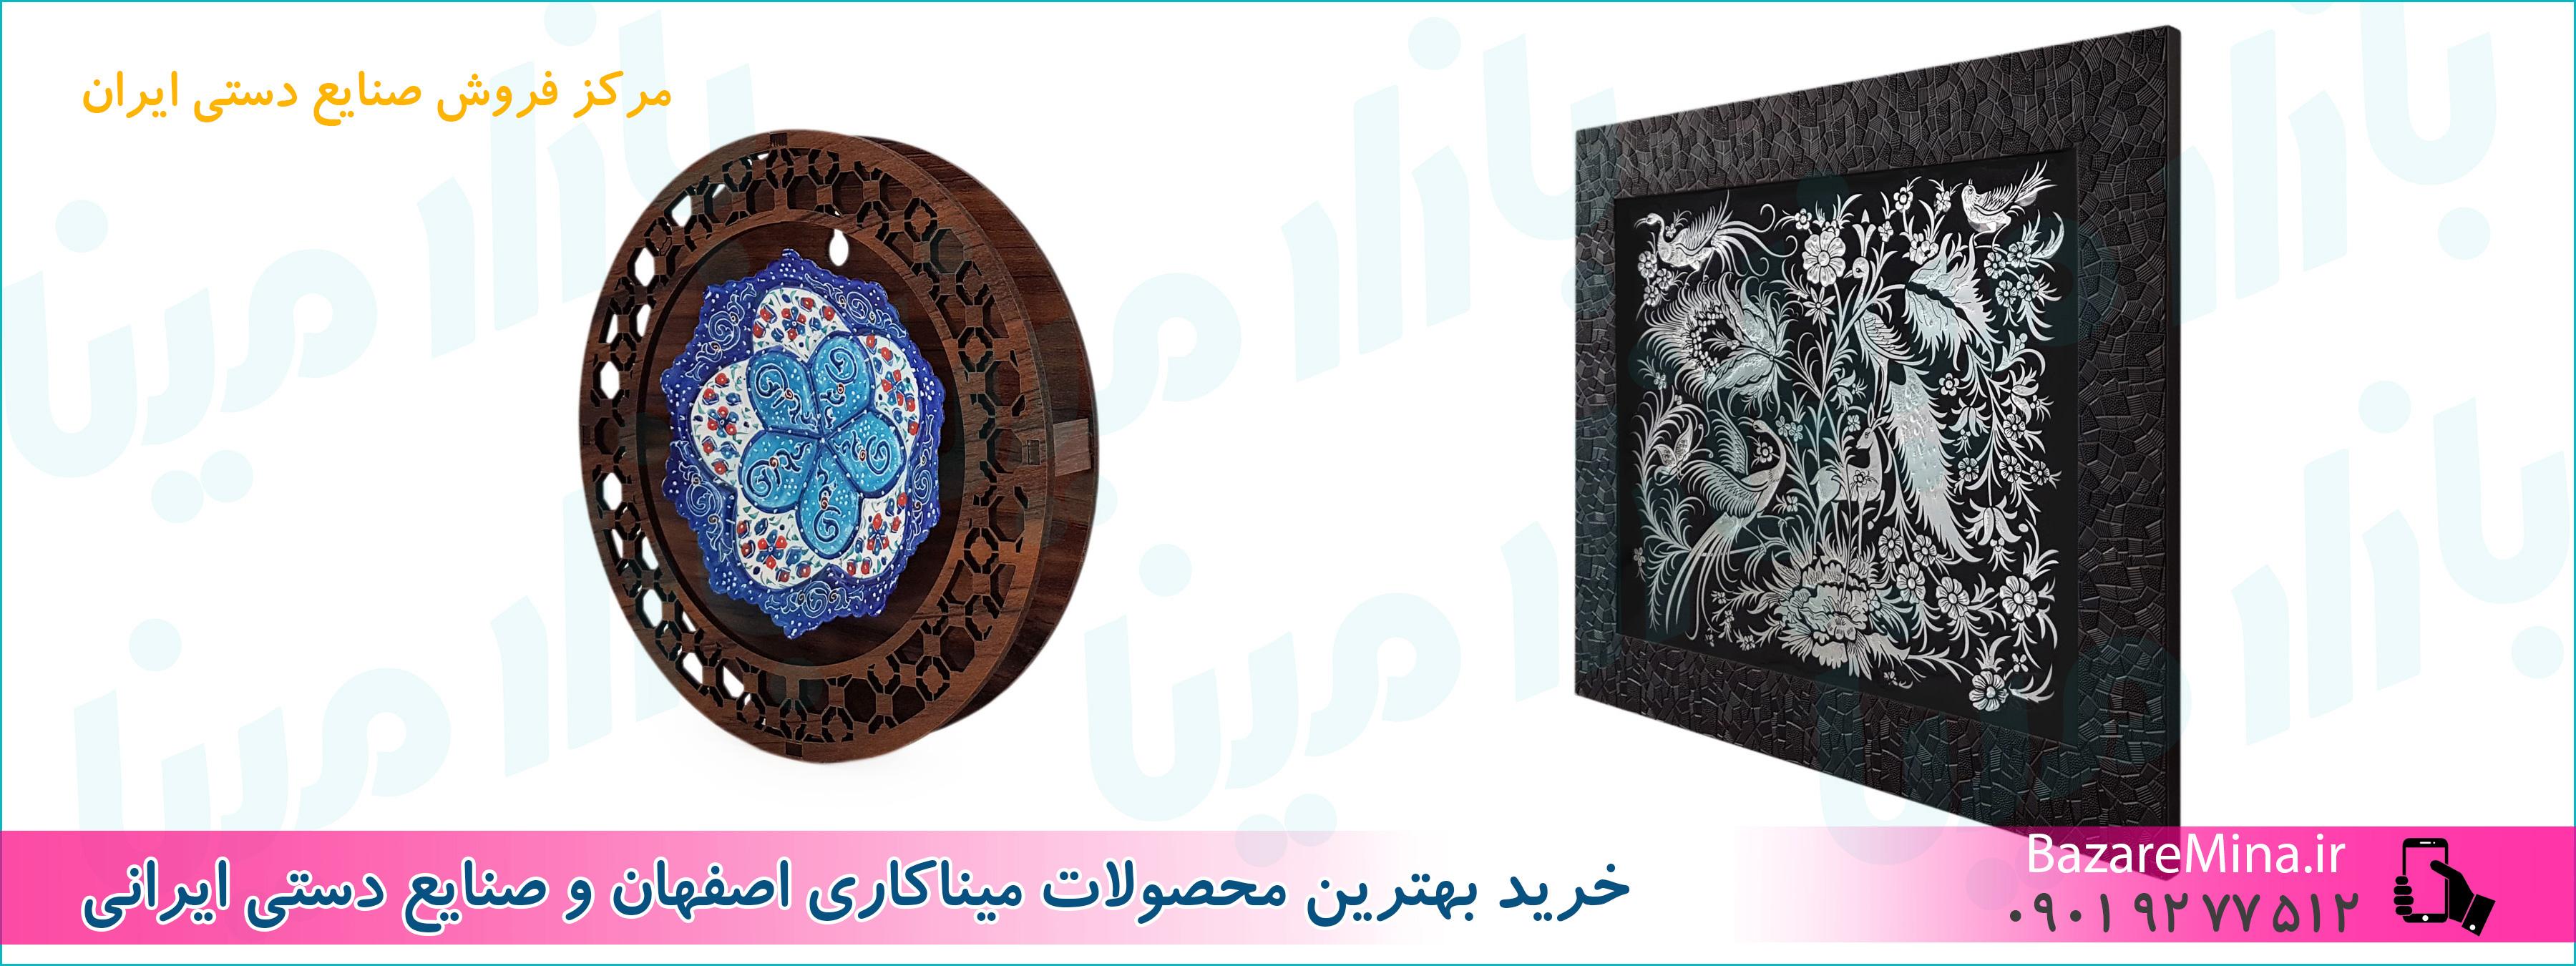 فروش صنایع دستی اصفهان میناکاری